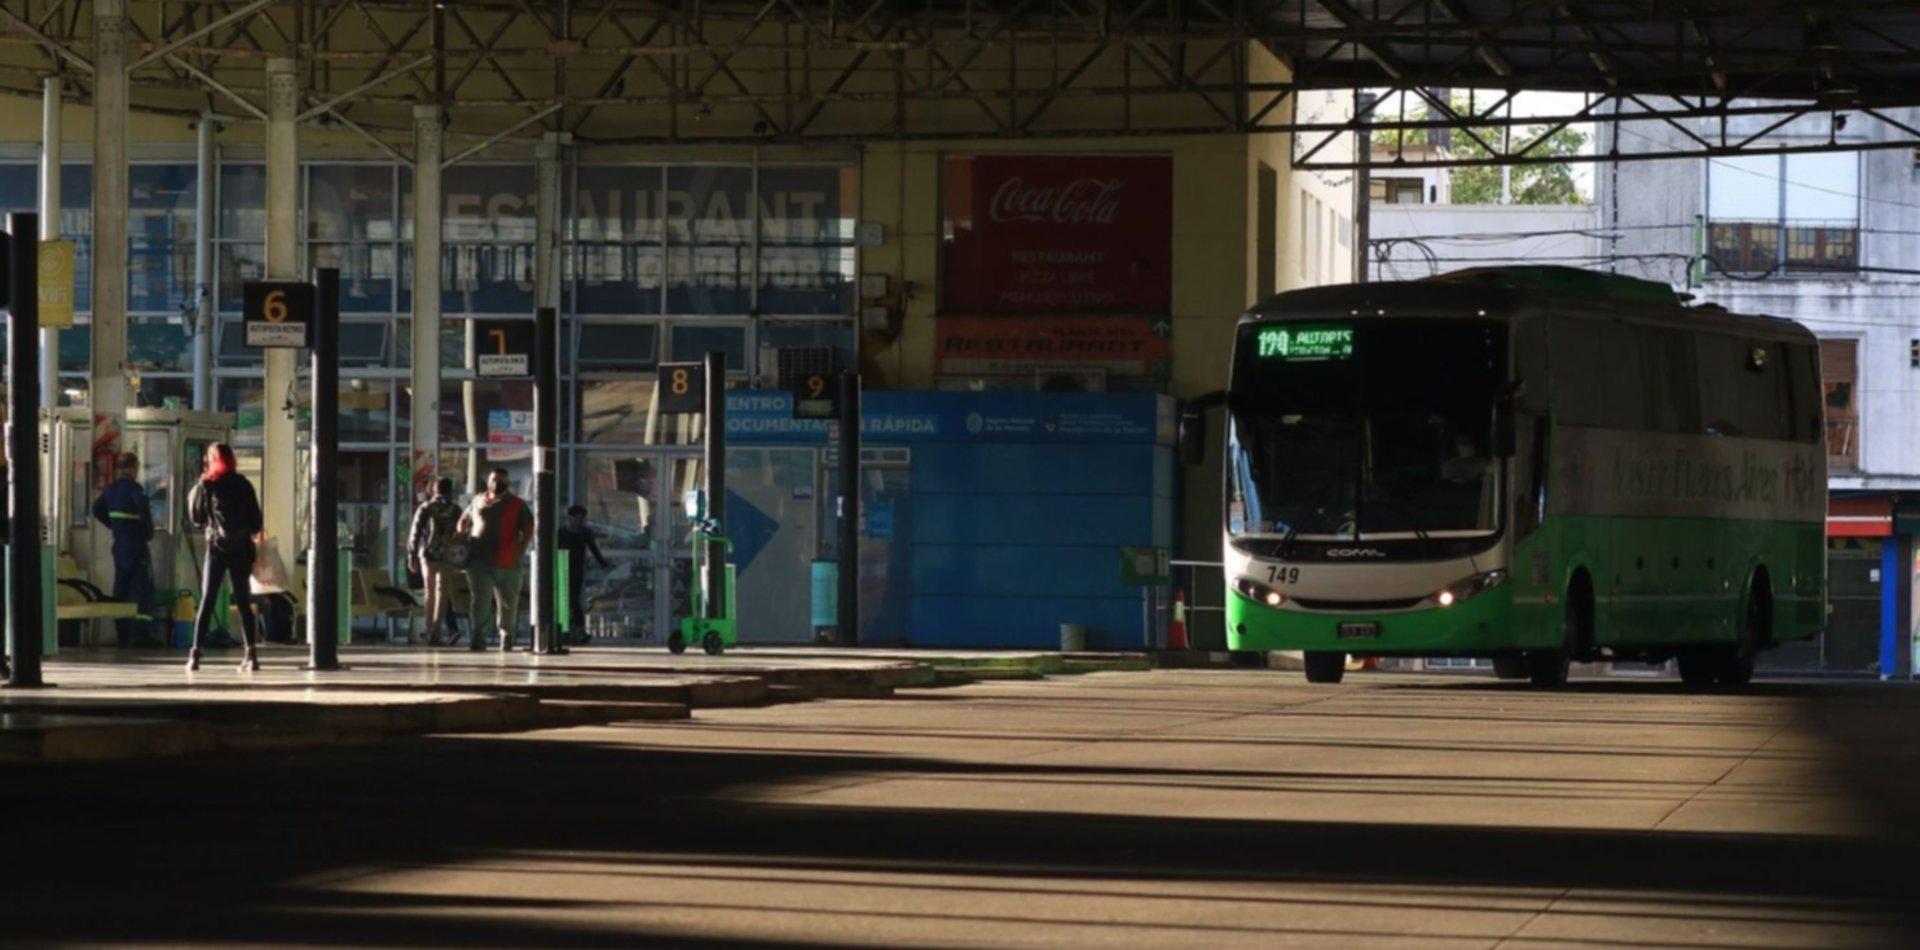 Garro quiere terminar su mandato mudando la Terminal: ¿cuáles son los lugares posibles?